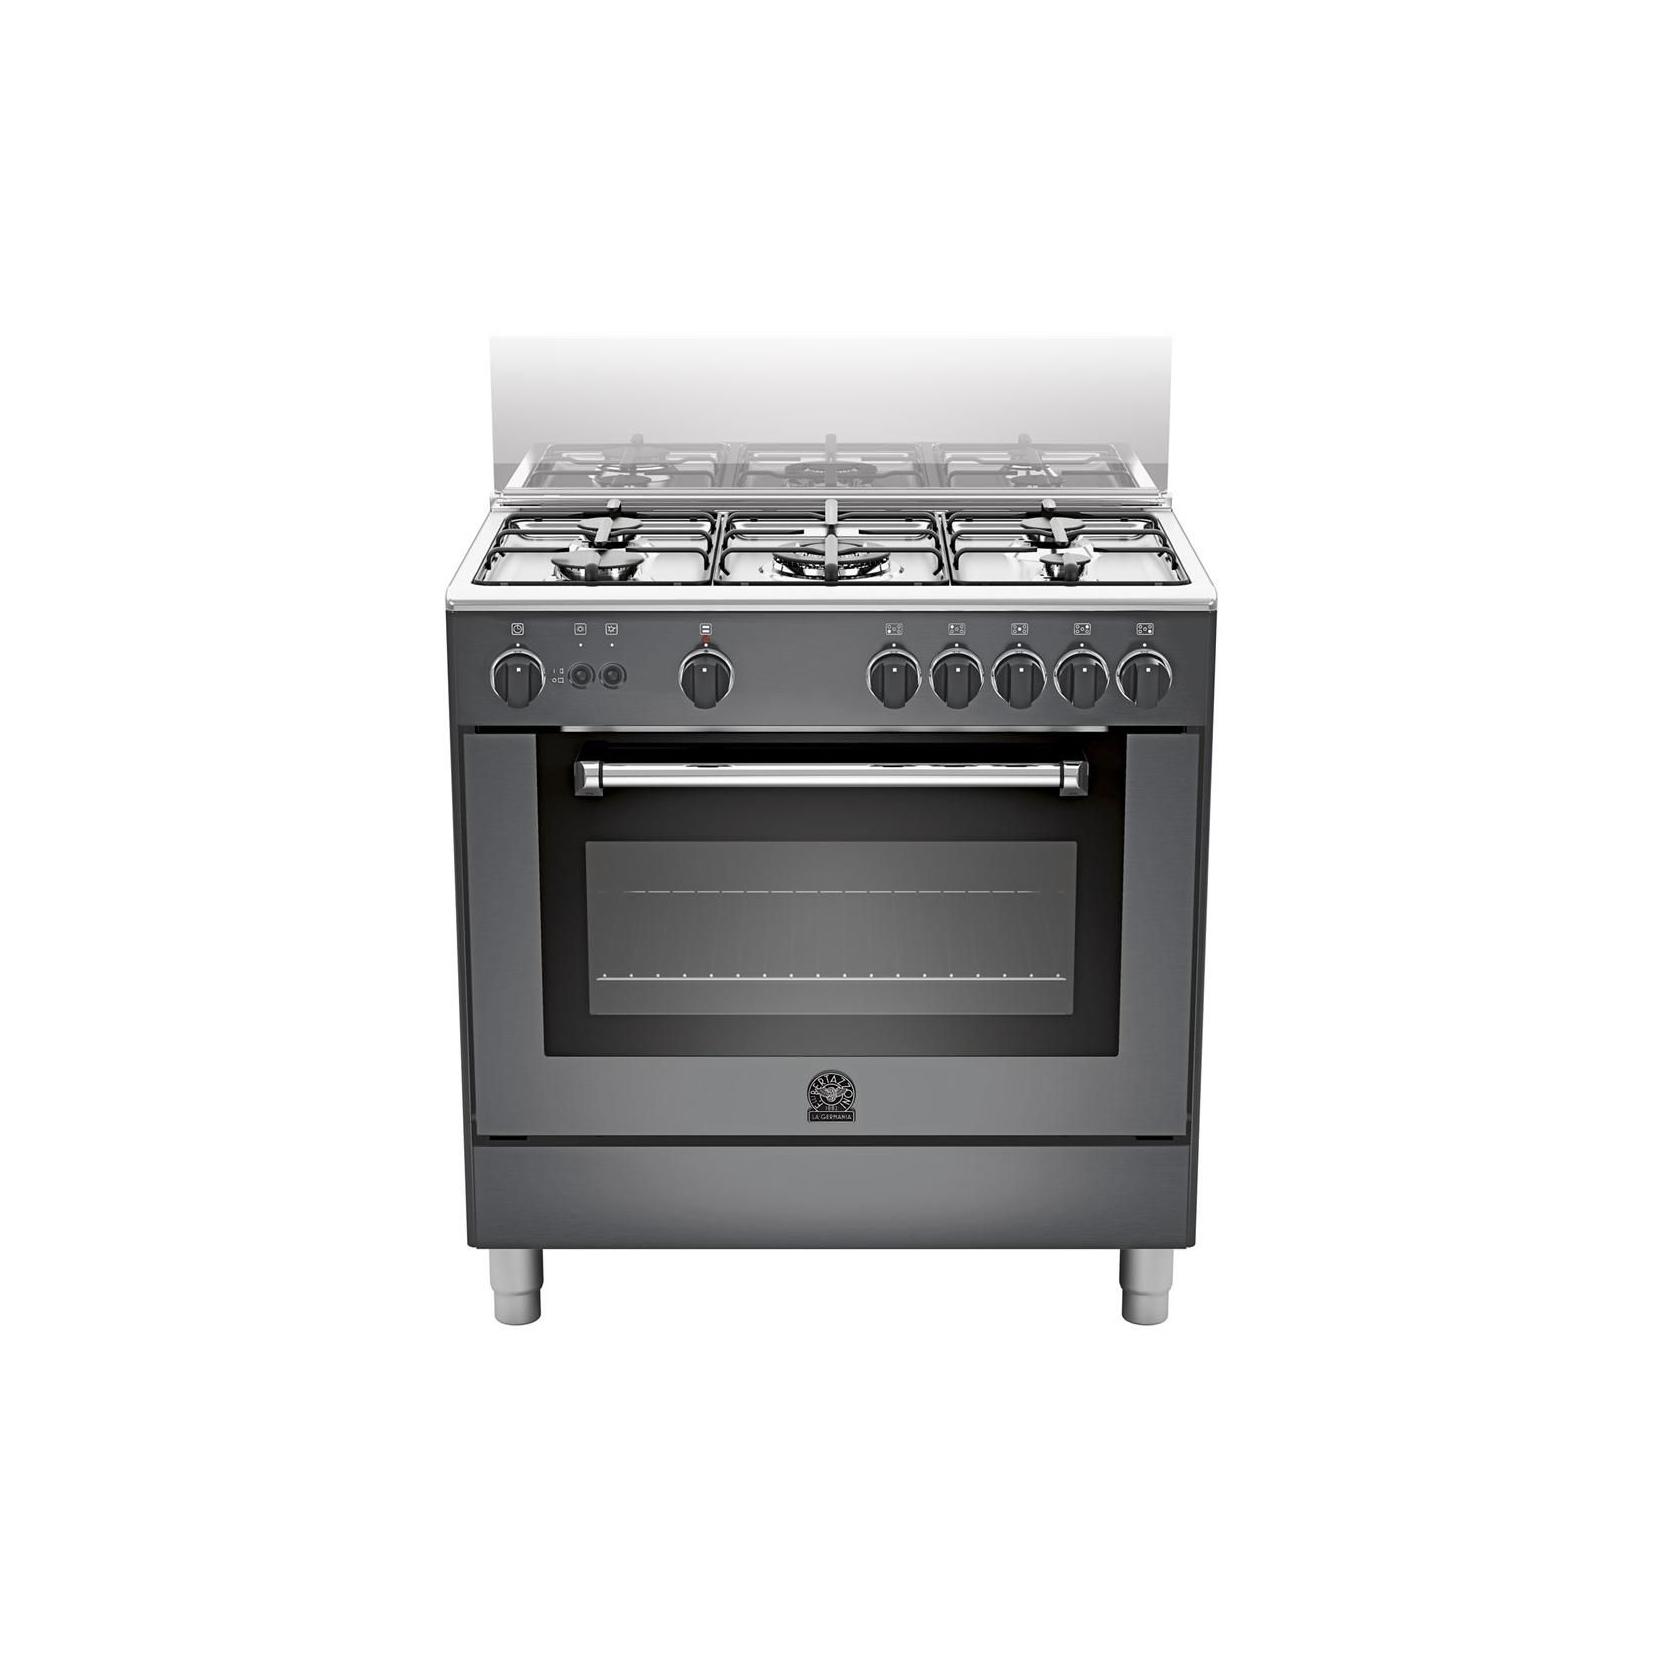 Cucina a gas con forno elettrico ventilato